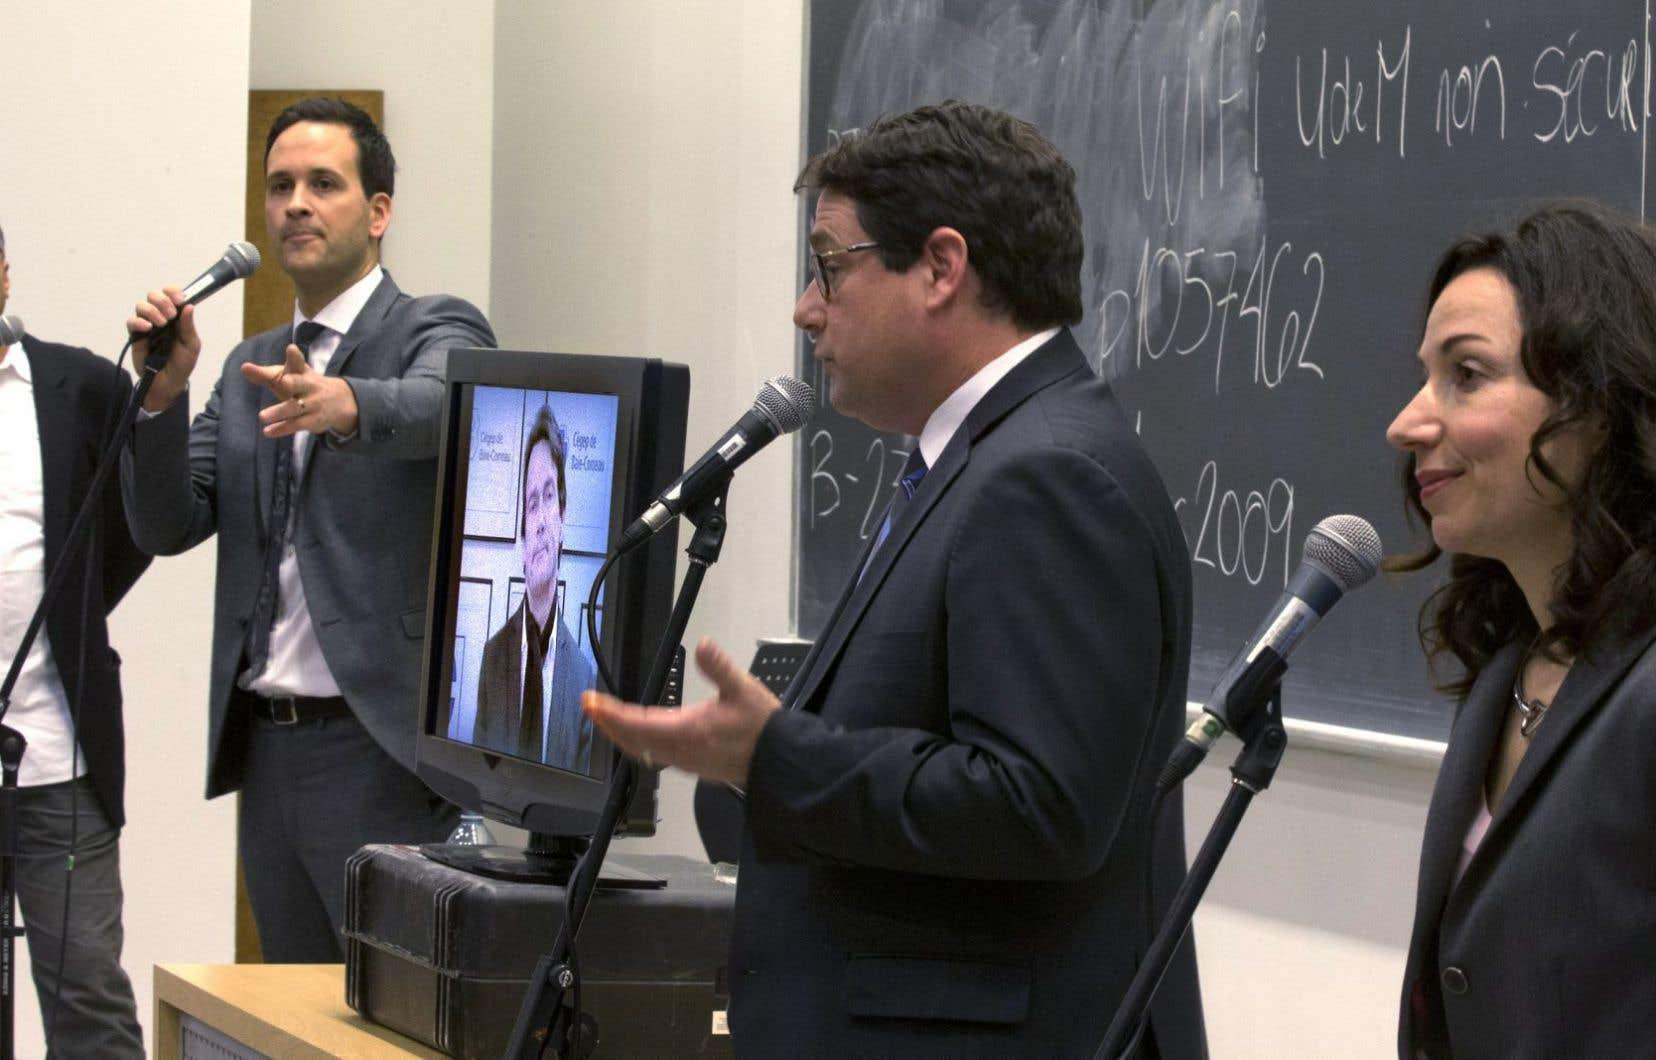 Pierre Céré, Alexandre Cloutier, Pierre Karl Péladeau, Bernard Drainville et Martine Ouellet avaient rendez-vous mercredi dans une salle de classe de l'Université de Montréal.